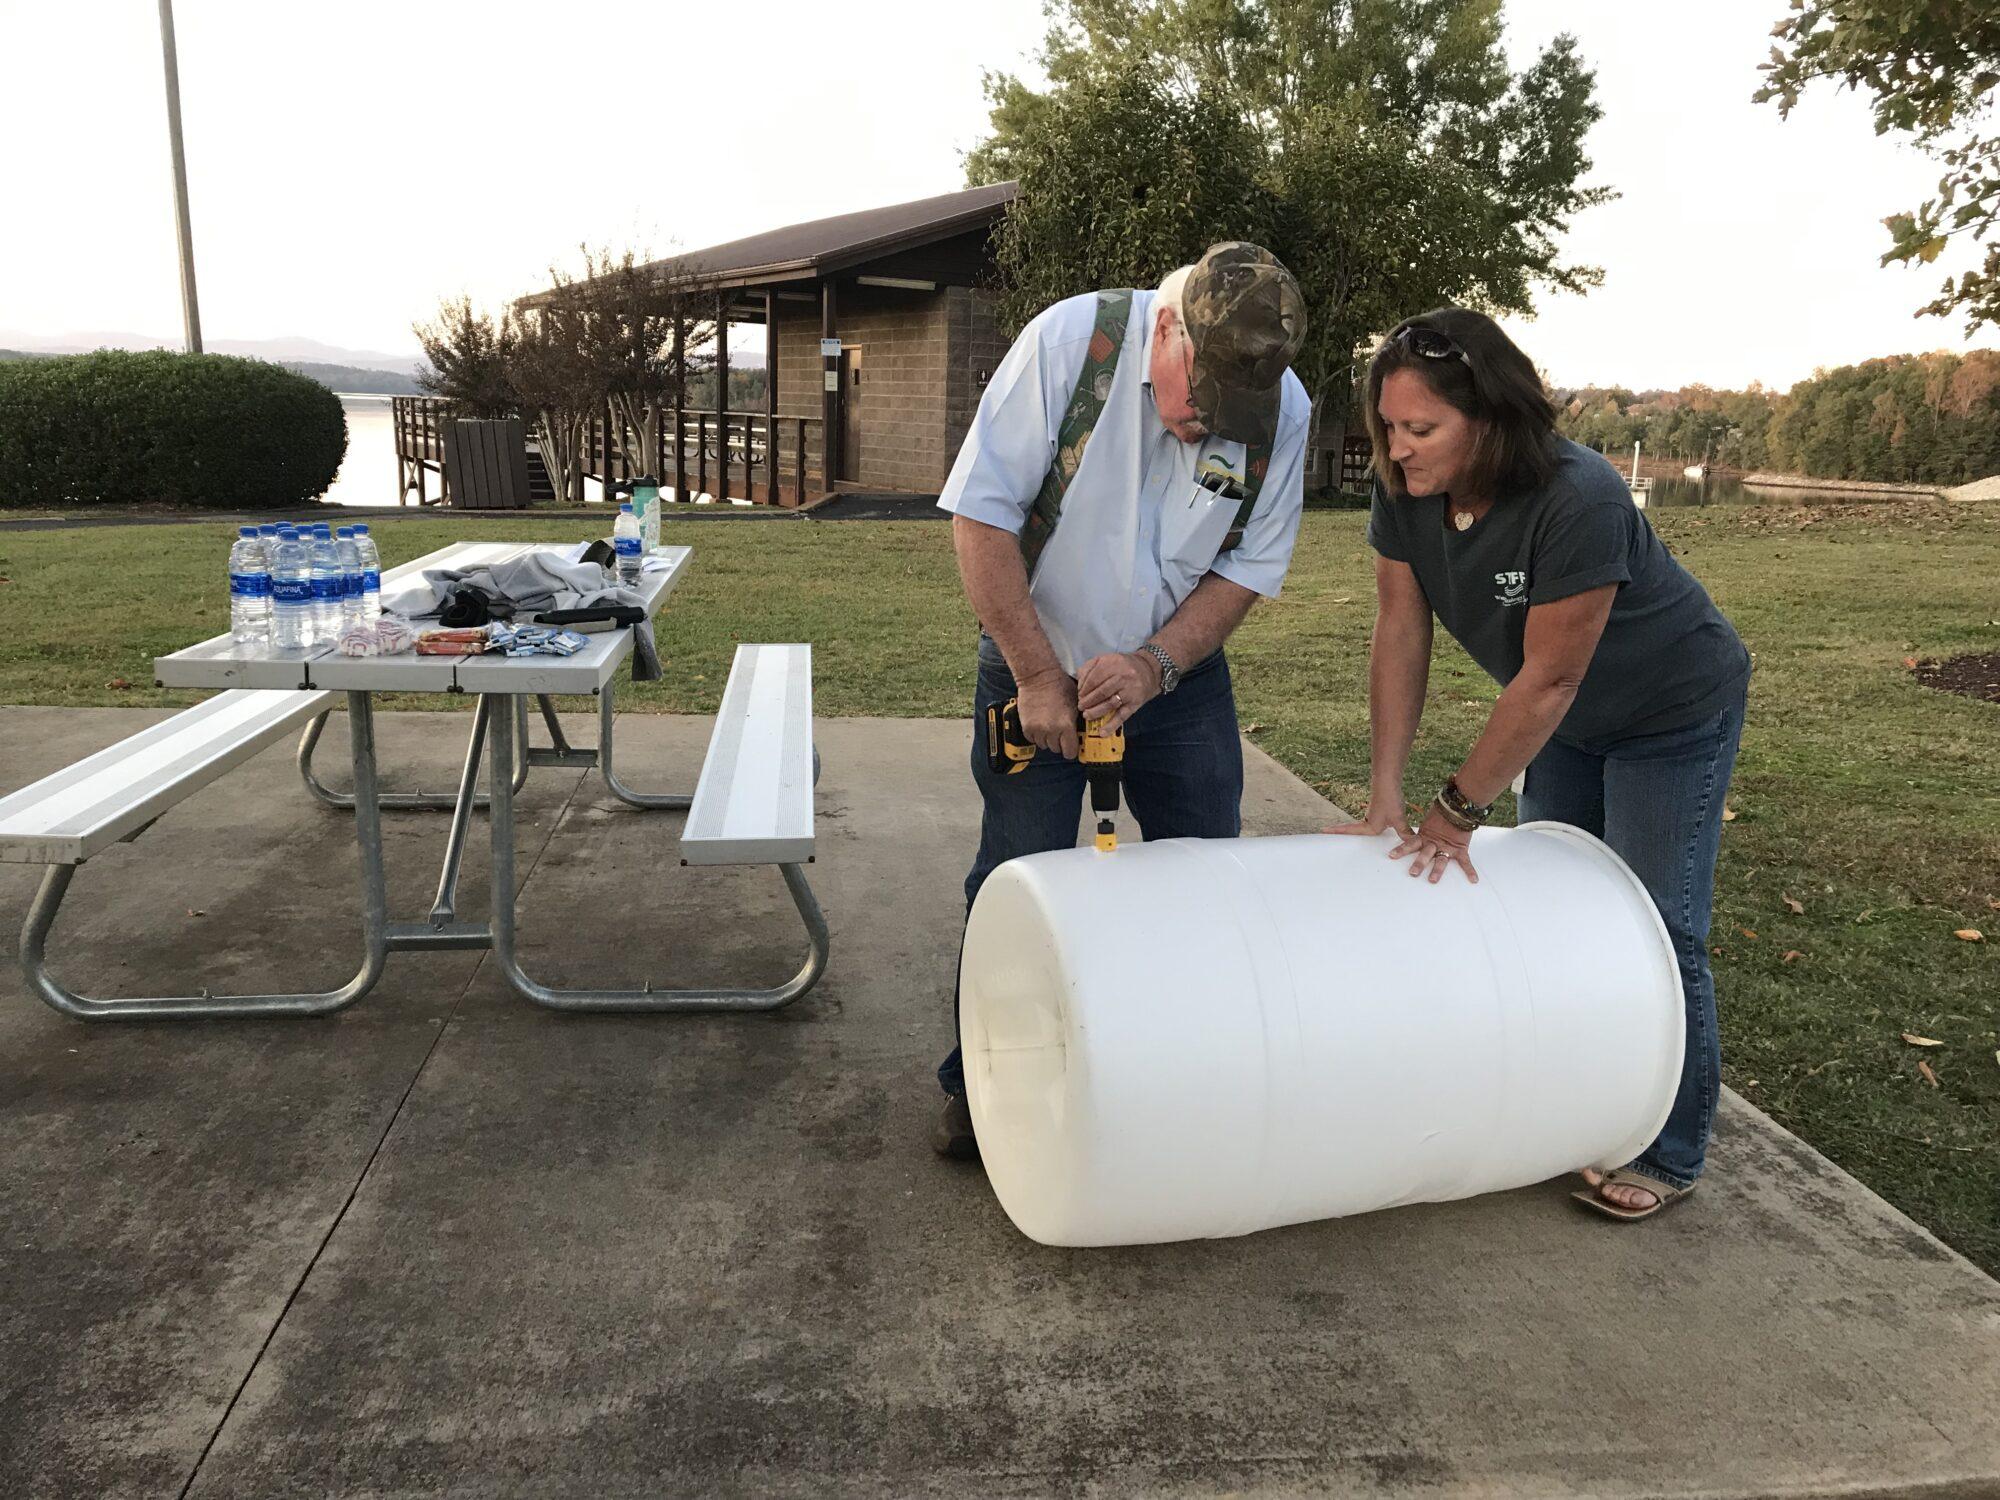 Rain Barrel Workshop Scheduled for April 13